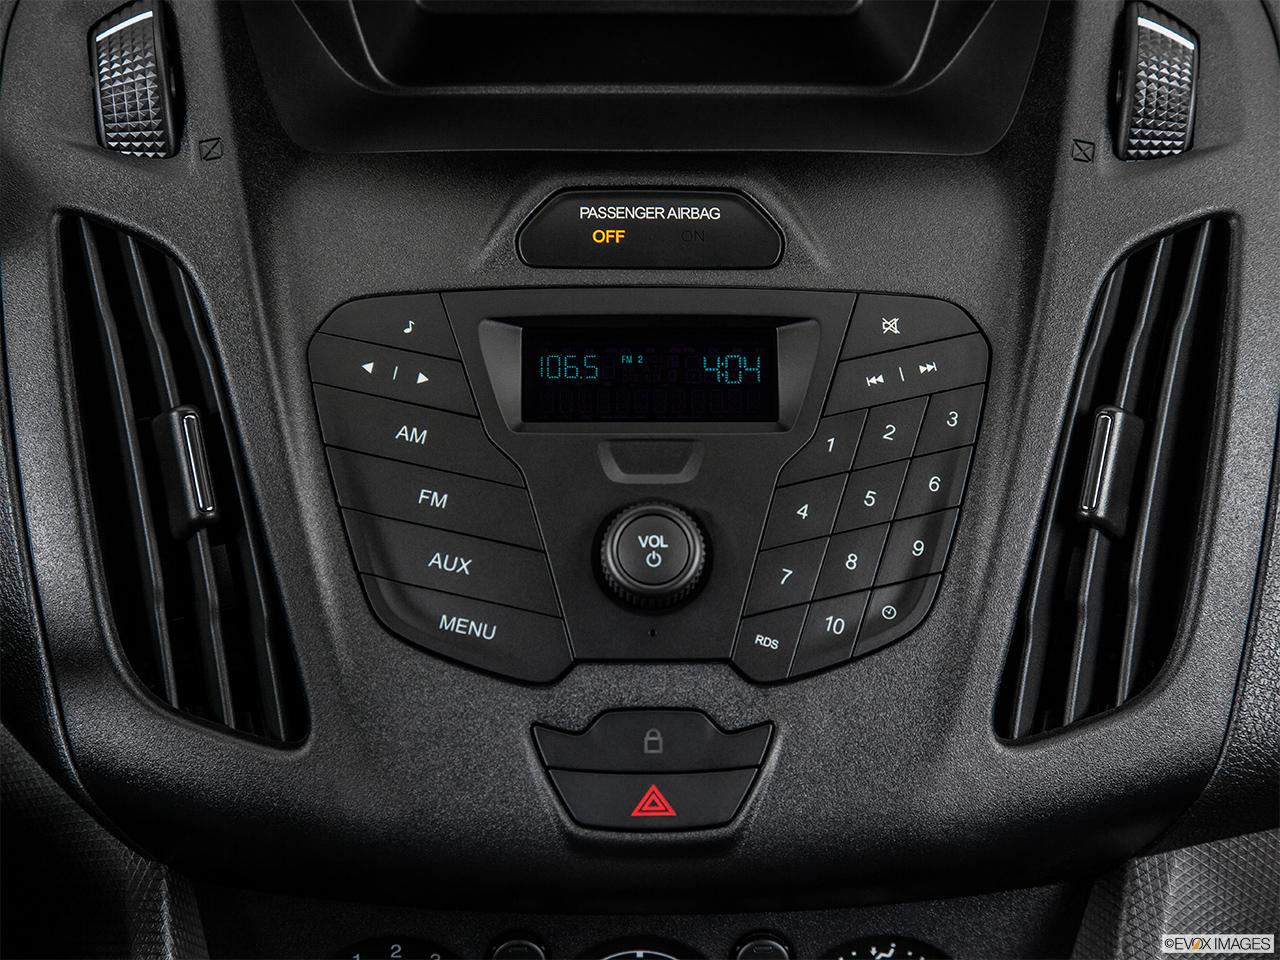 Ford Transit Wagon >> 2014 Ford Transit Connect Wagon Wagon LWB XL - Closeup of ...